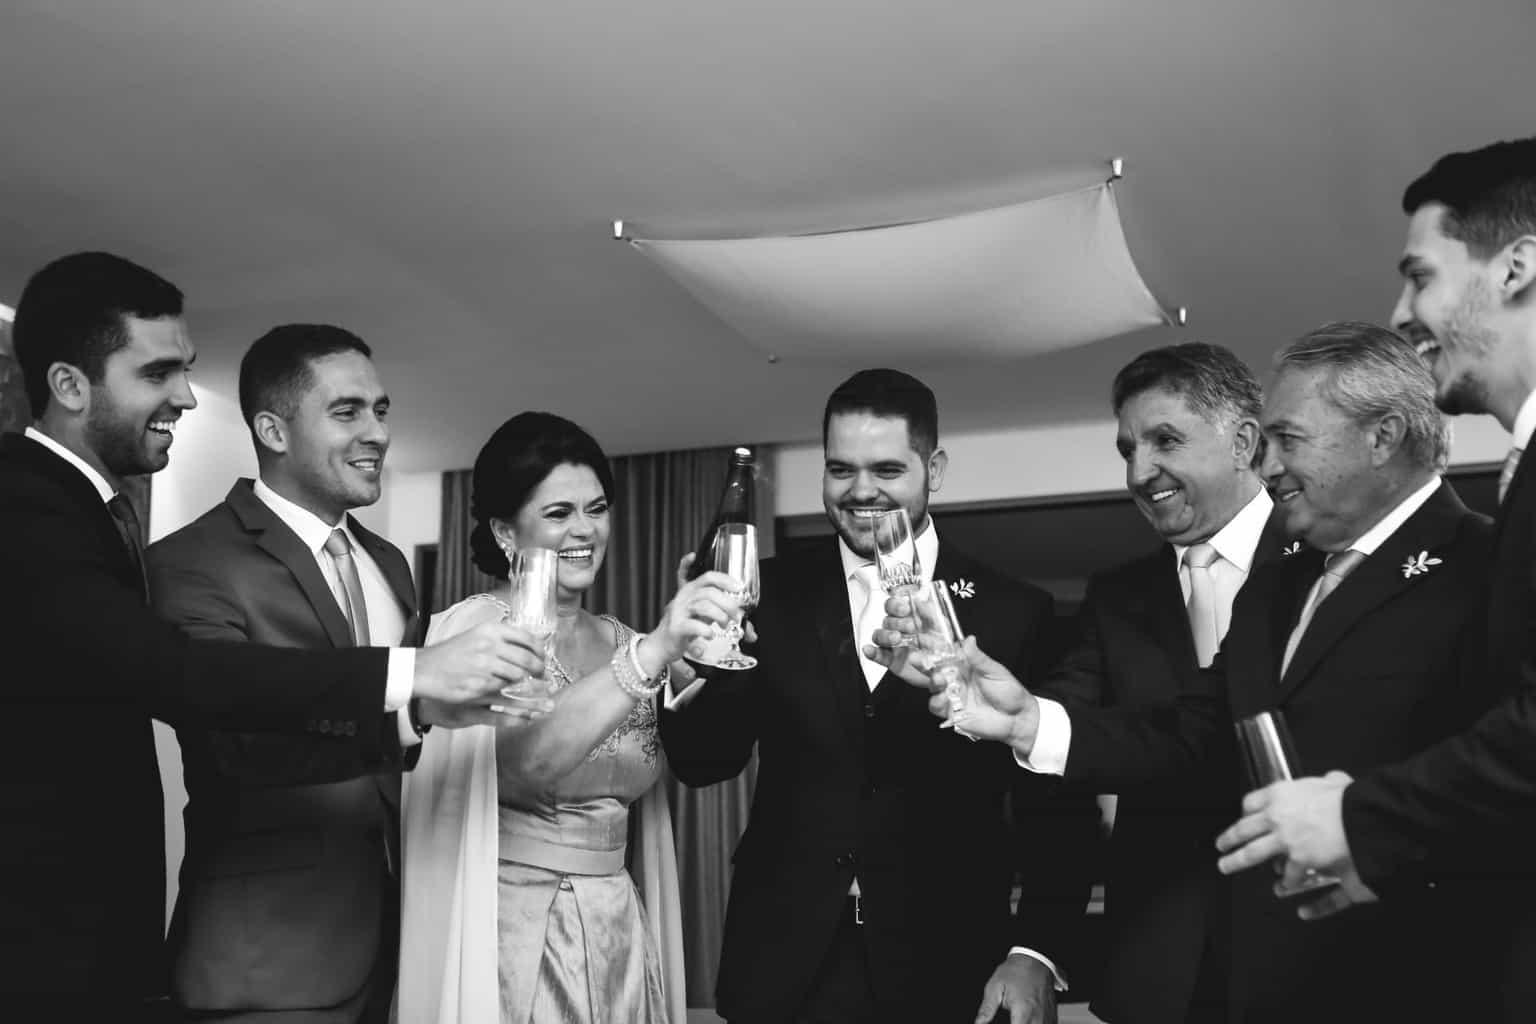 casamento-Juliana-e-Eduardo-Fotografia-Ricardo-Nascimento-e-Thereza-magno-padrinhos-pais-dos-noivos-Usina-dois-irmãos14